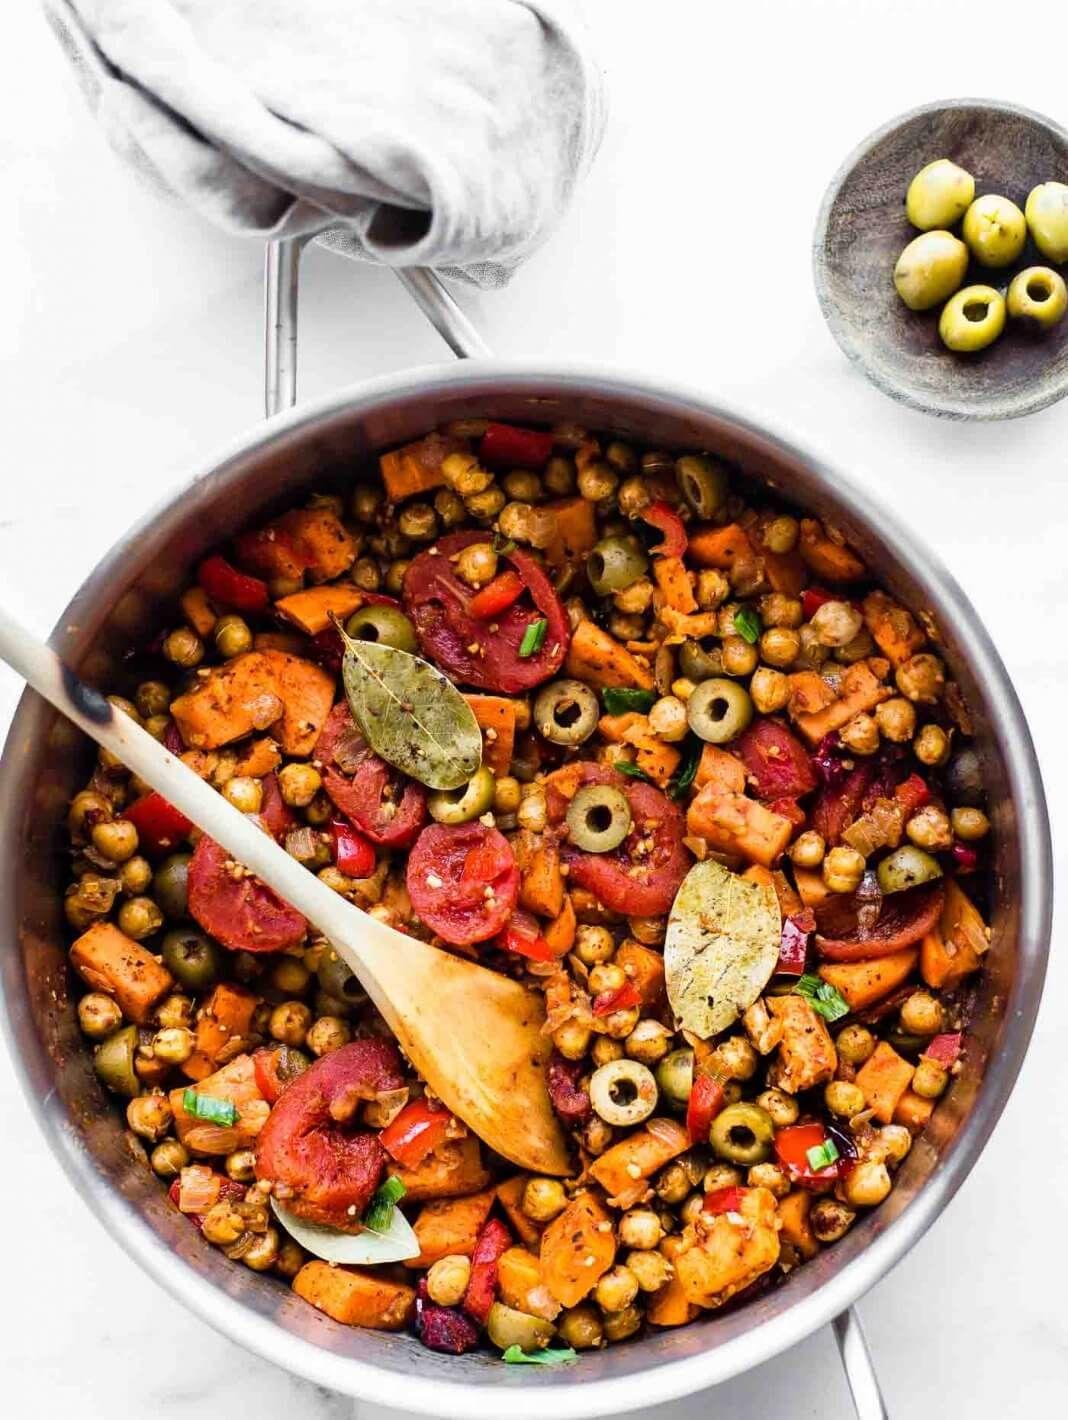 7 Pomyslow Na Jednogarnkowe Dania Zdrowa Dieta Odchudzanie I Przepisy Kulinarne Recipes One Pot Dinners Vegetarian Recipes